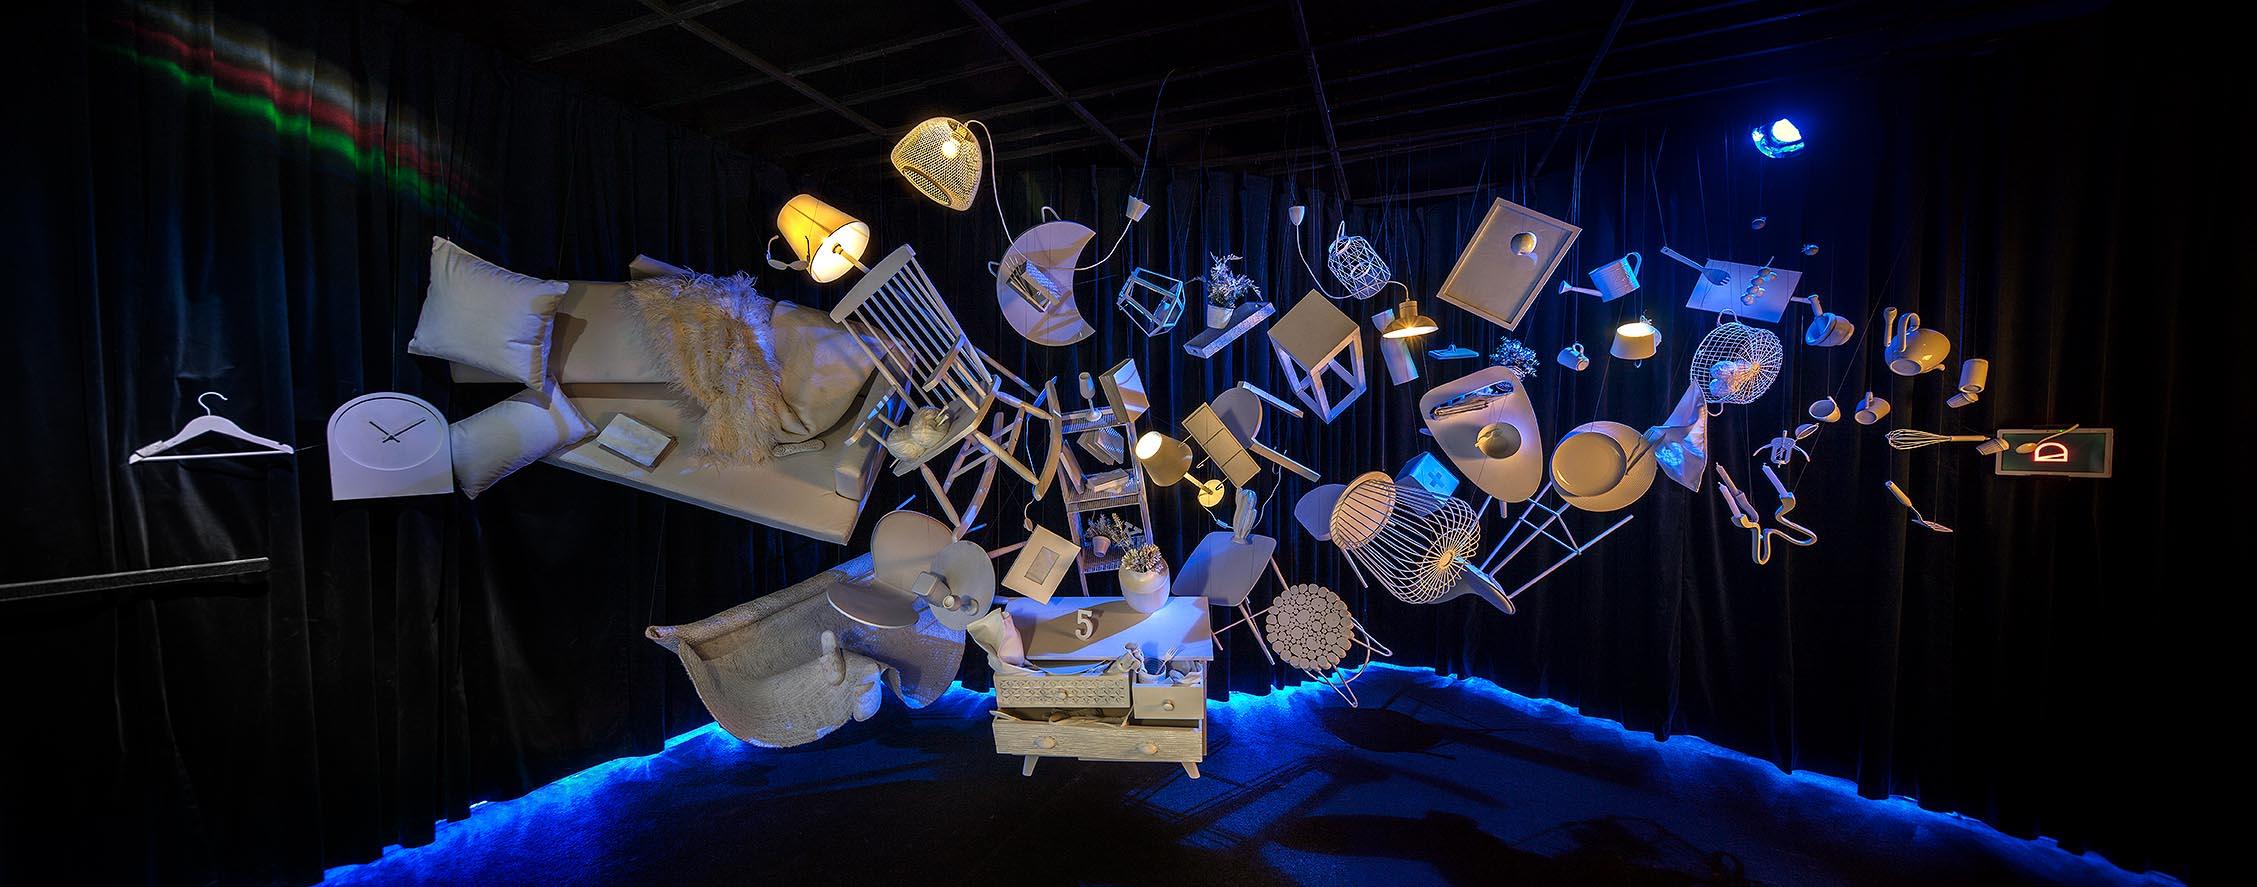 """Instalación """"Let's flow: en constante evolución"""" – Espacio Kave Home"""